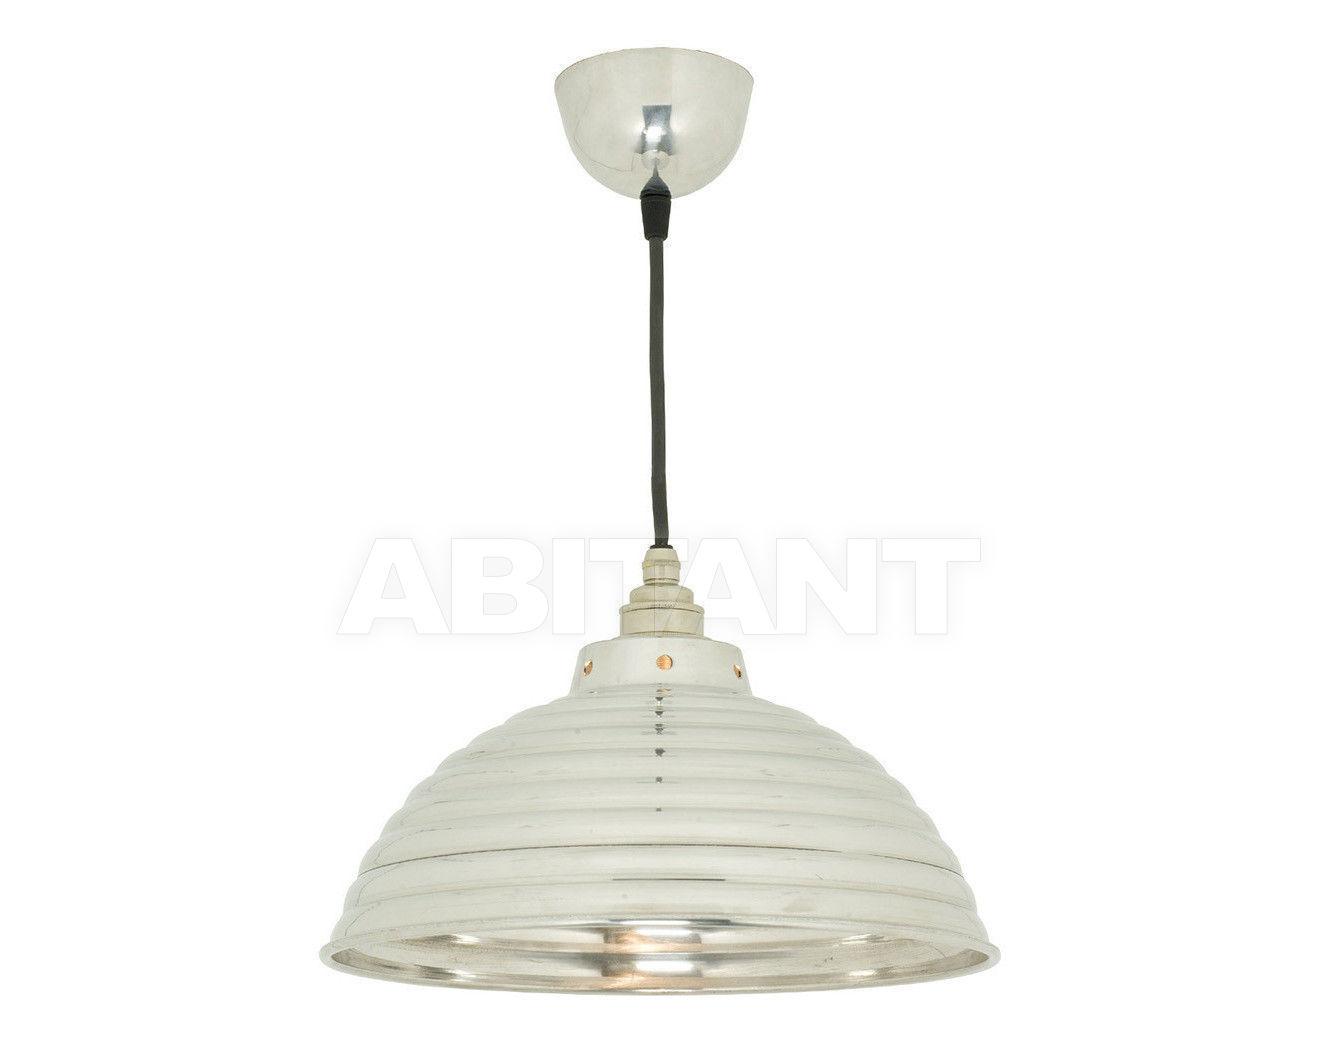 Купить Светильник Davey Lighting Pendants 7170/AL/CGLH